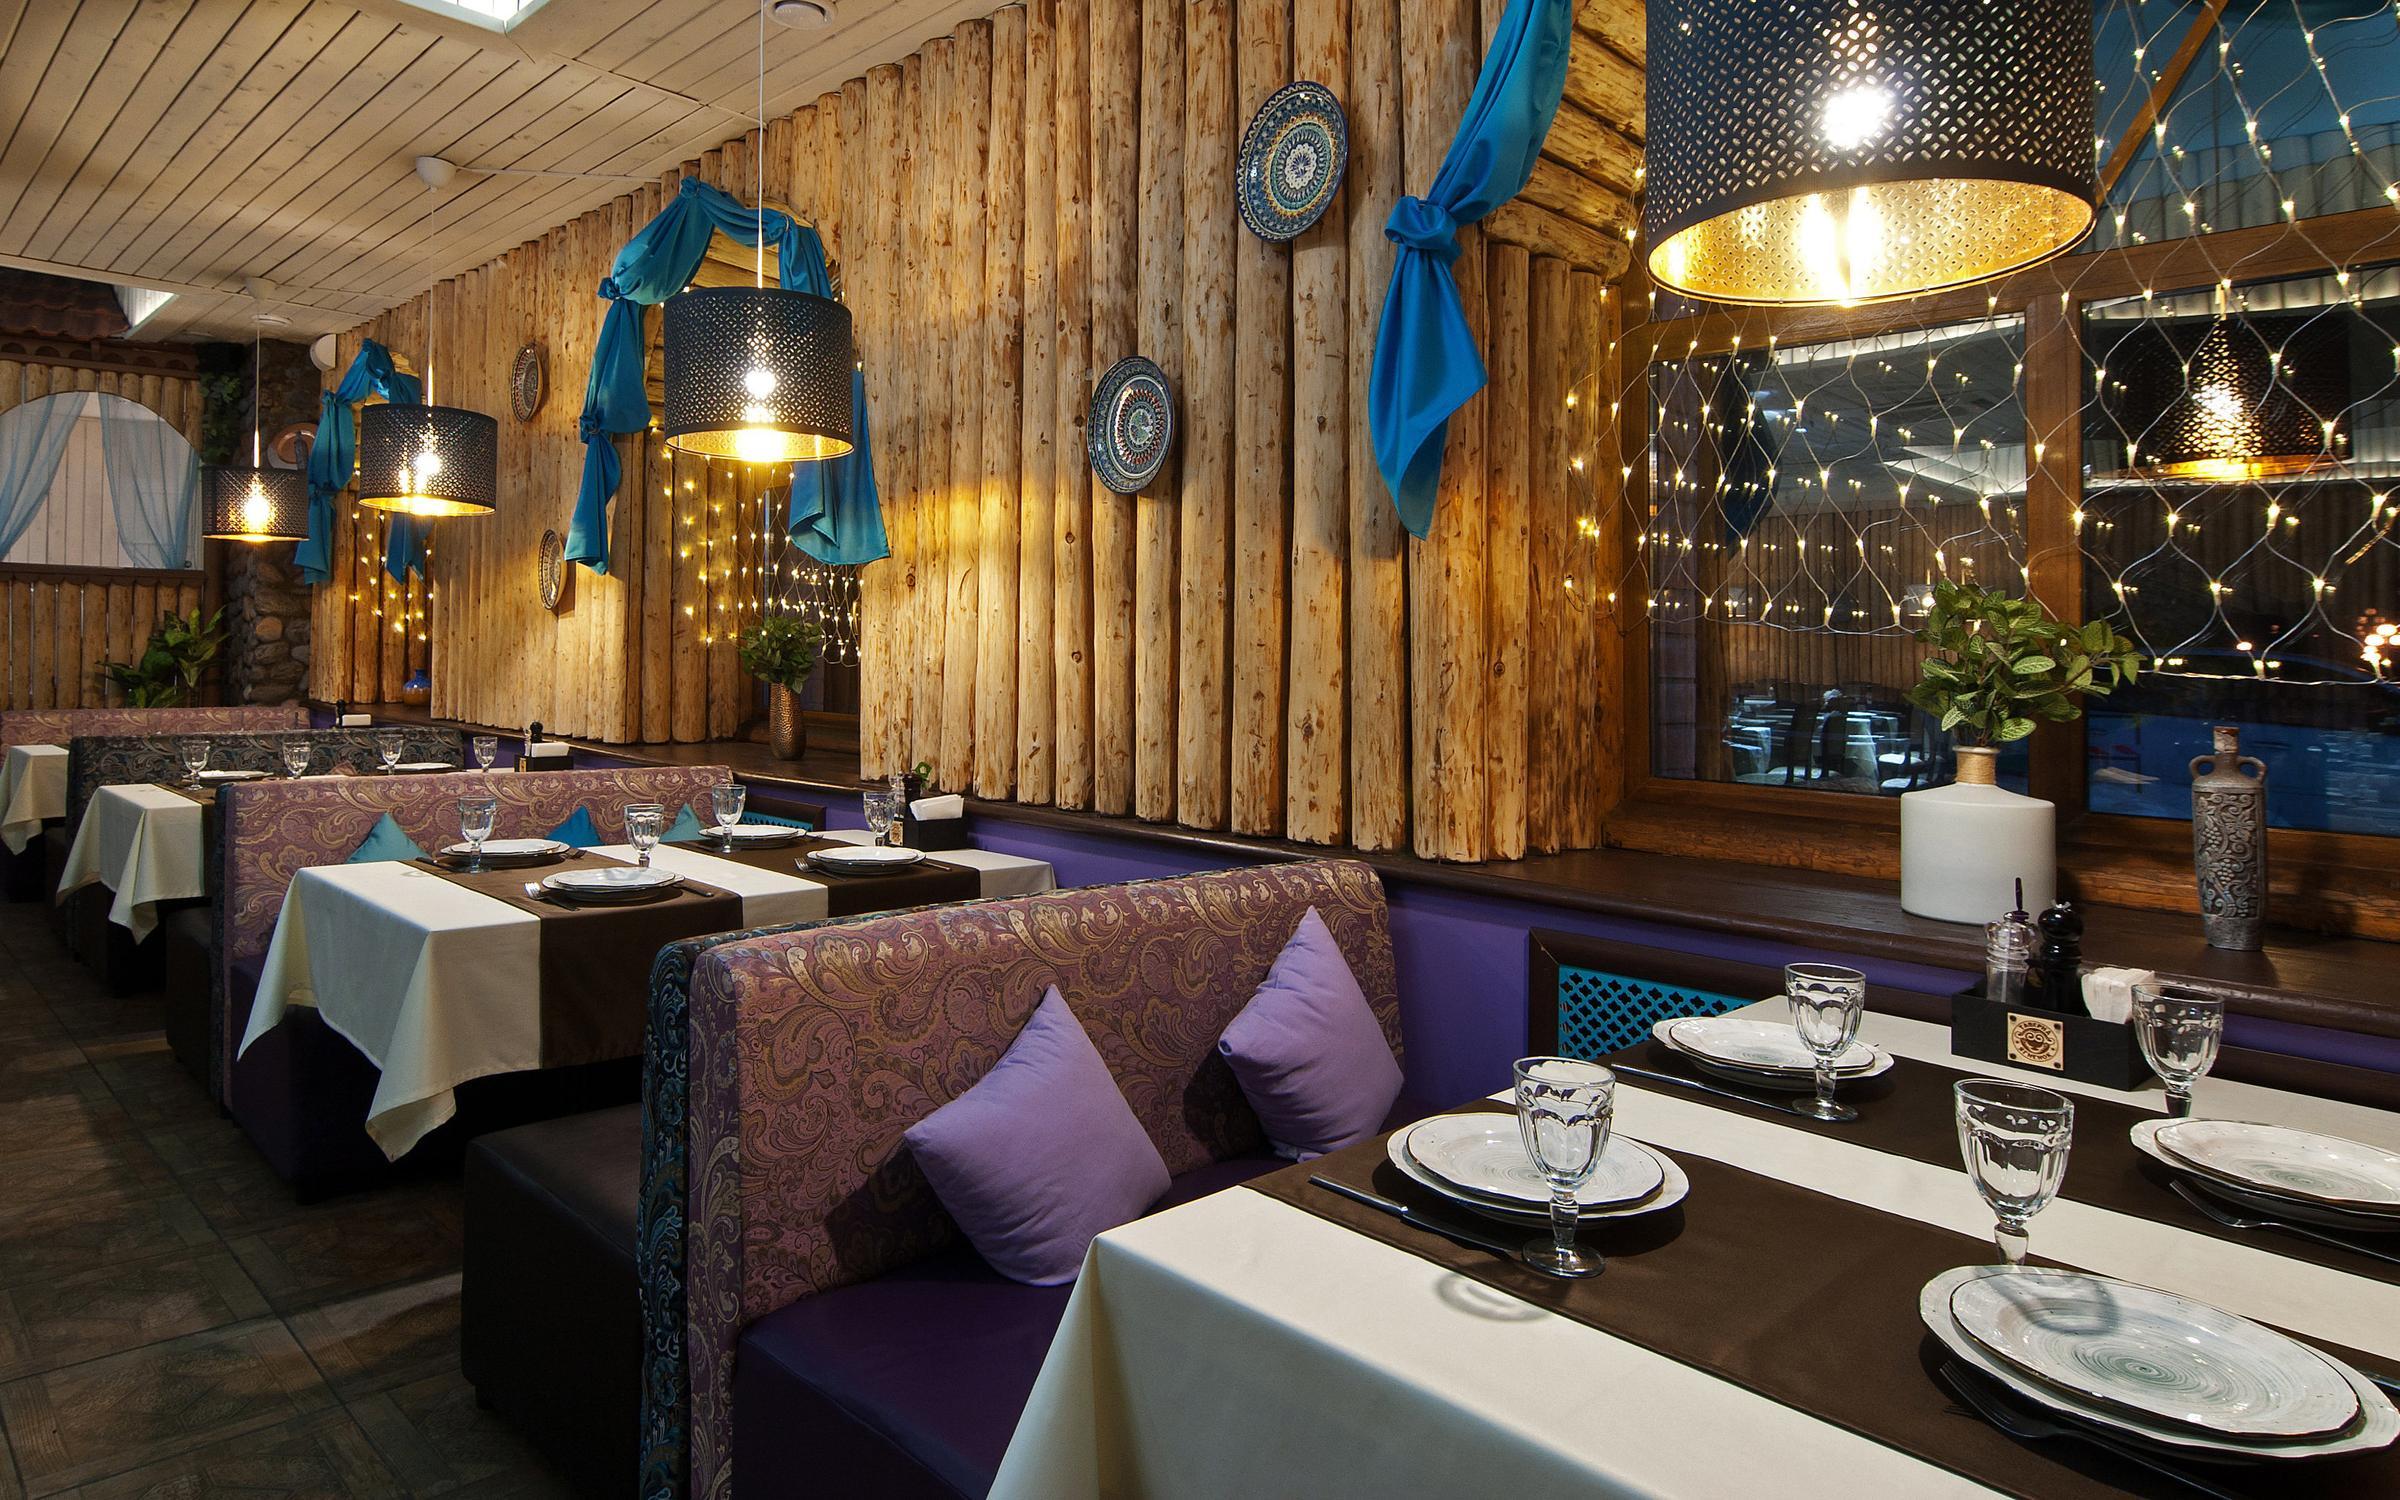 фотография Ресторана Таверна Ягнёнок на Ботанической улице